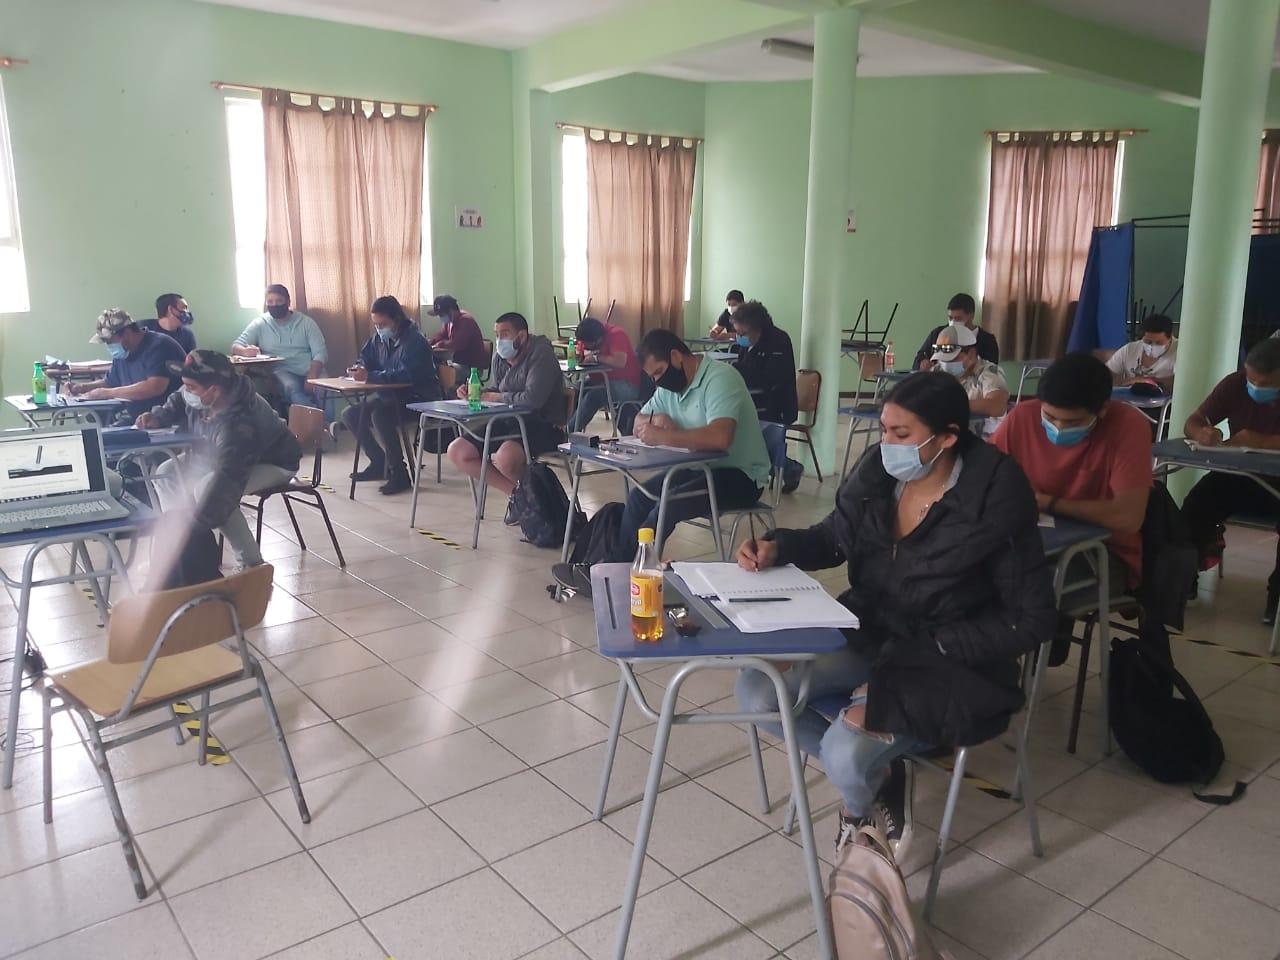 Municipalidad de Iquique da inicio a cursos a gratuitos y certificados de Electricidad y Soldadura